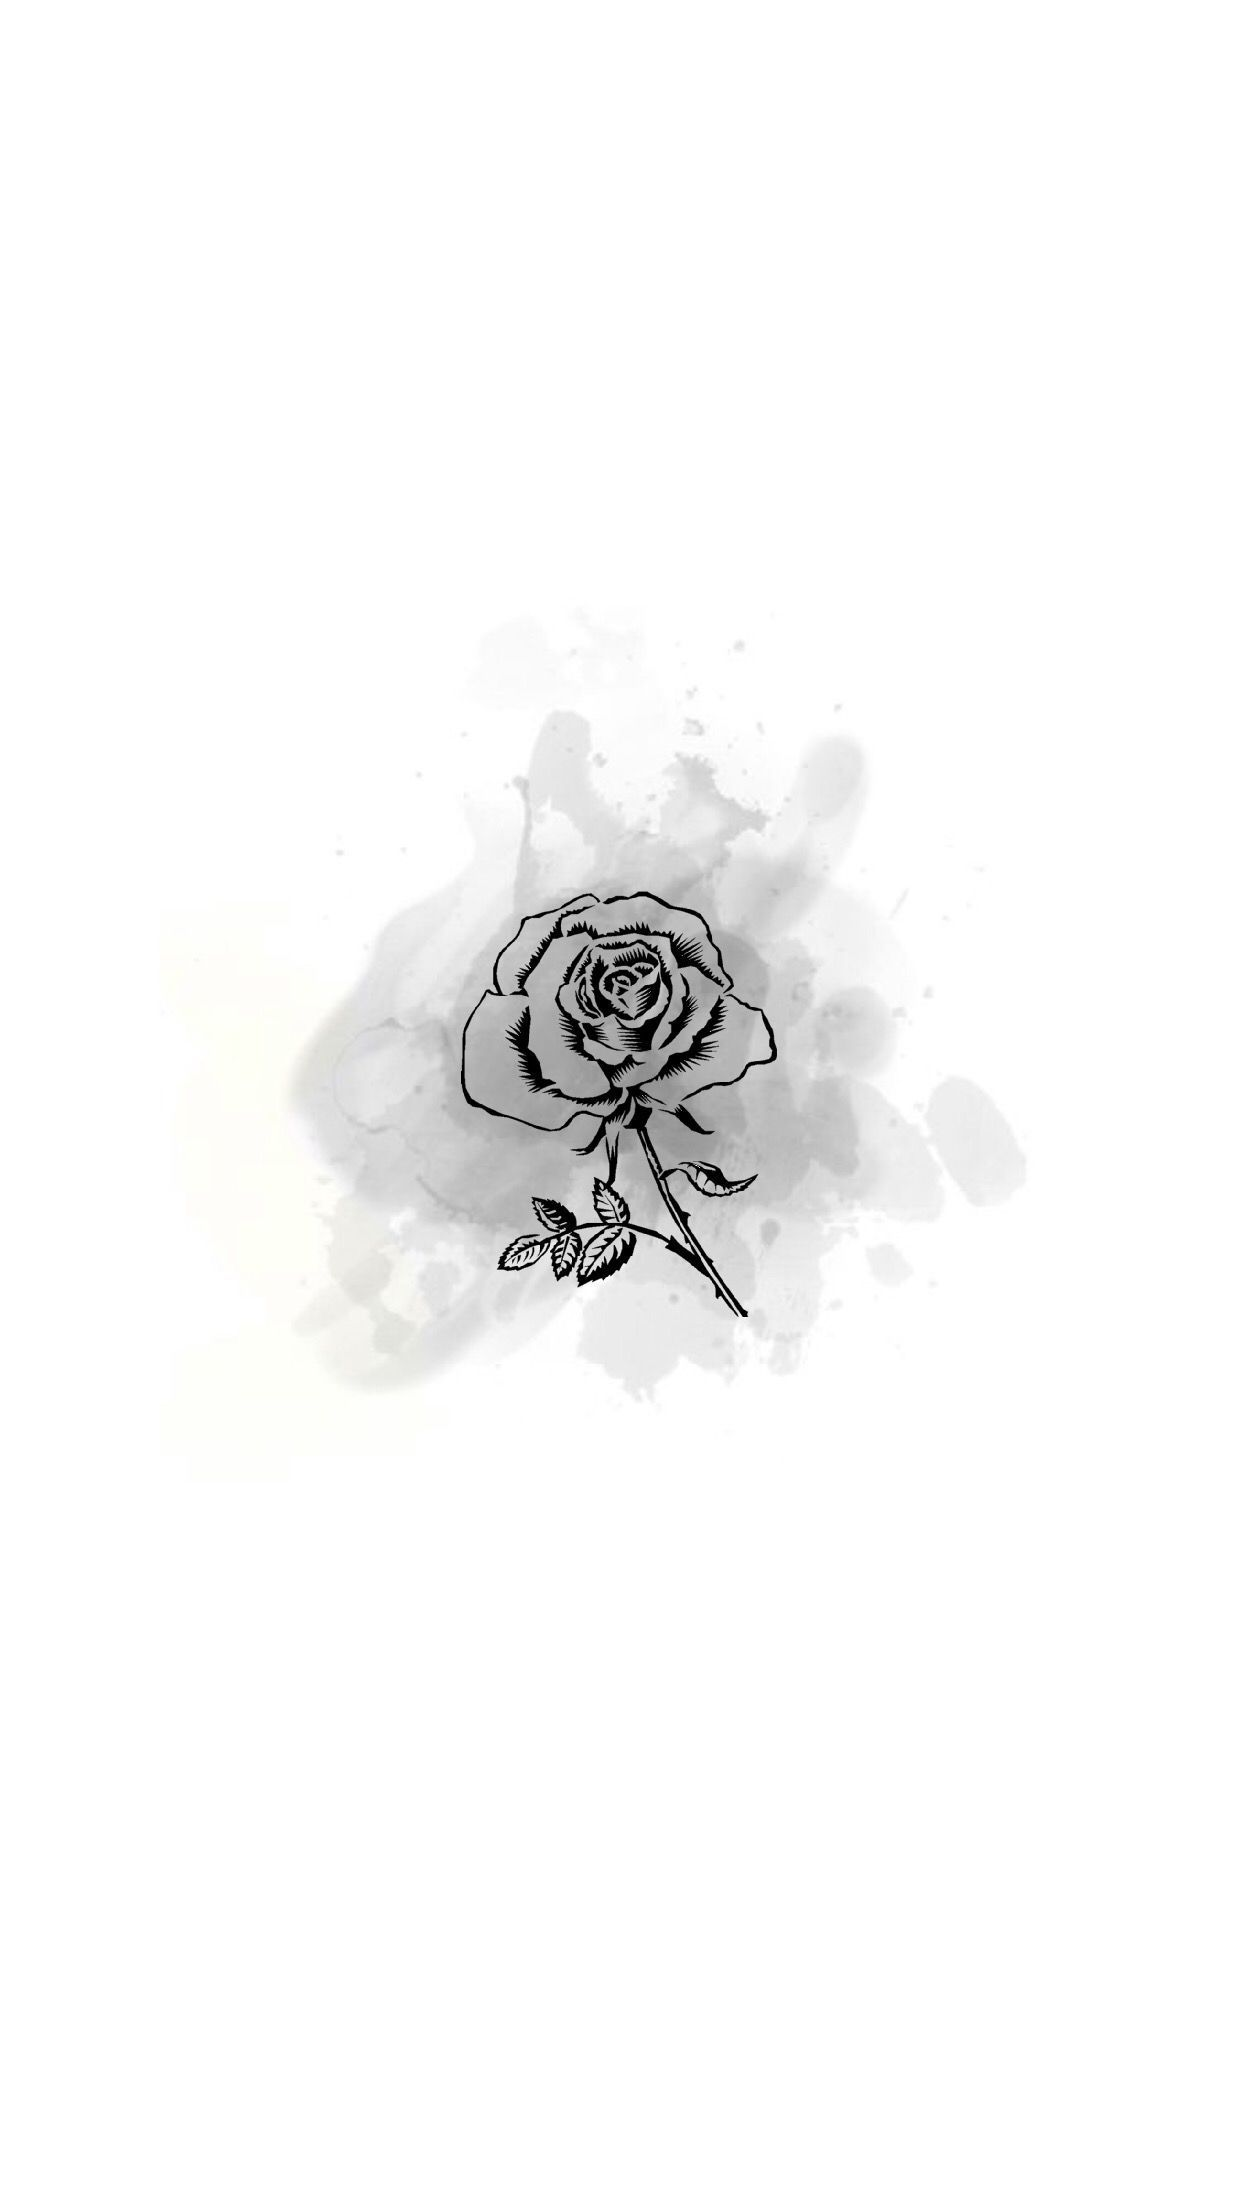 Biascardoso Story Highlights Instagram Story Lotus Lotus Flower Lily Gambar Kameras Ideias Instagram Logotipo Instagram Instagram